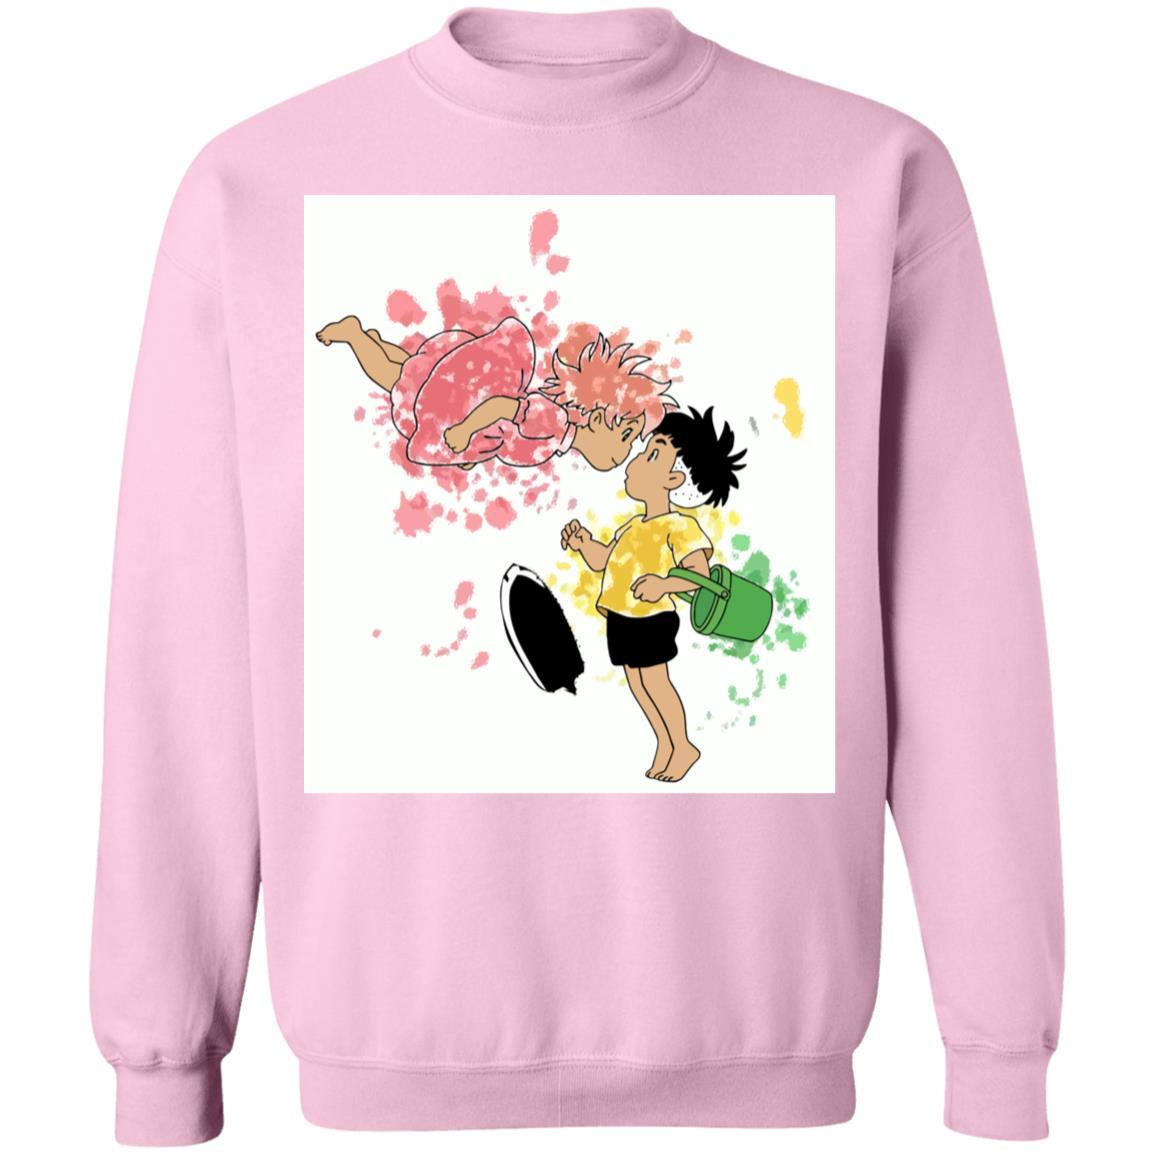 Ponyo and Sosuke Colorful Sweatshirt Unisex